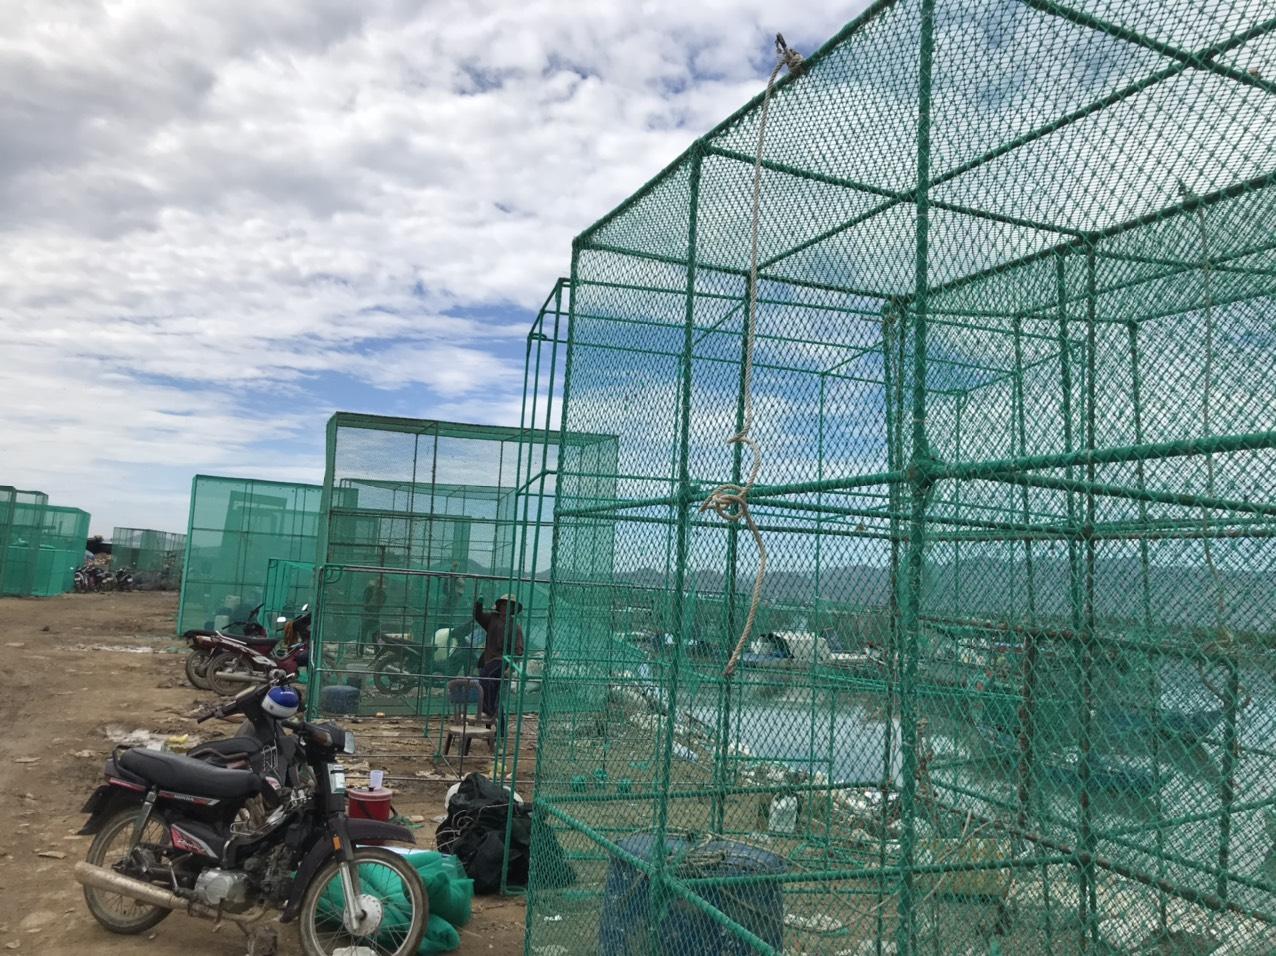 Khánh Hòa: Kiếm nửa triệu đồng/ngày nhờ nghề may lưới biển - Ảnh 3.